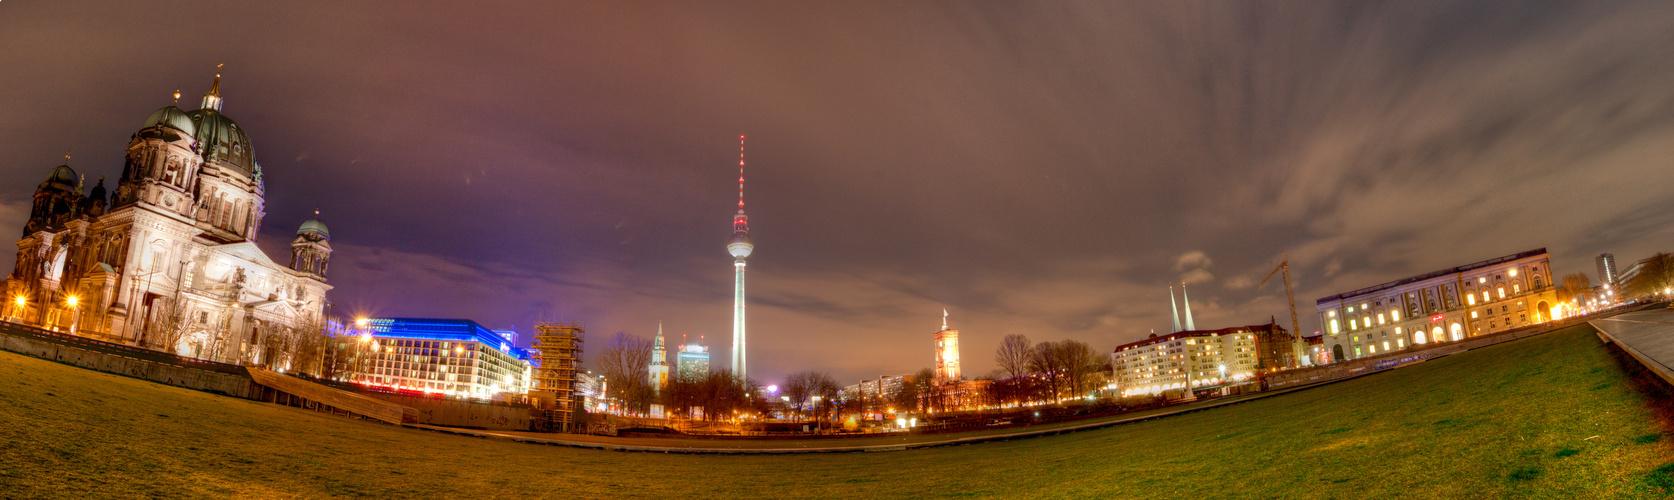 Berlin Mitte Panorama Nachts